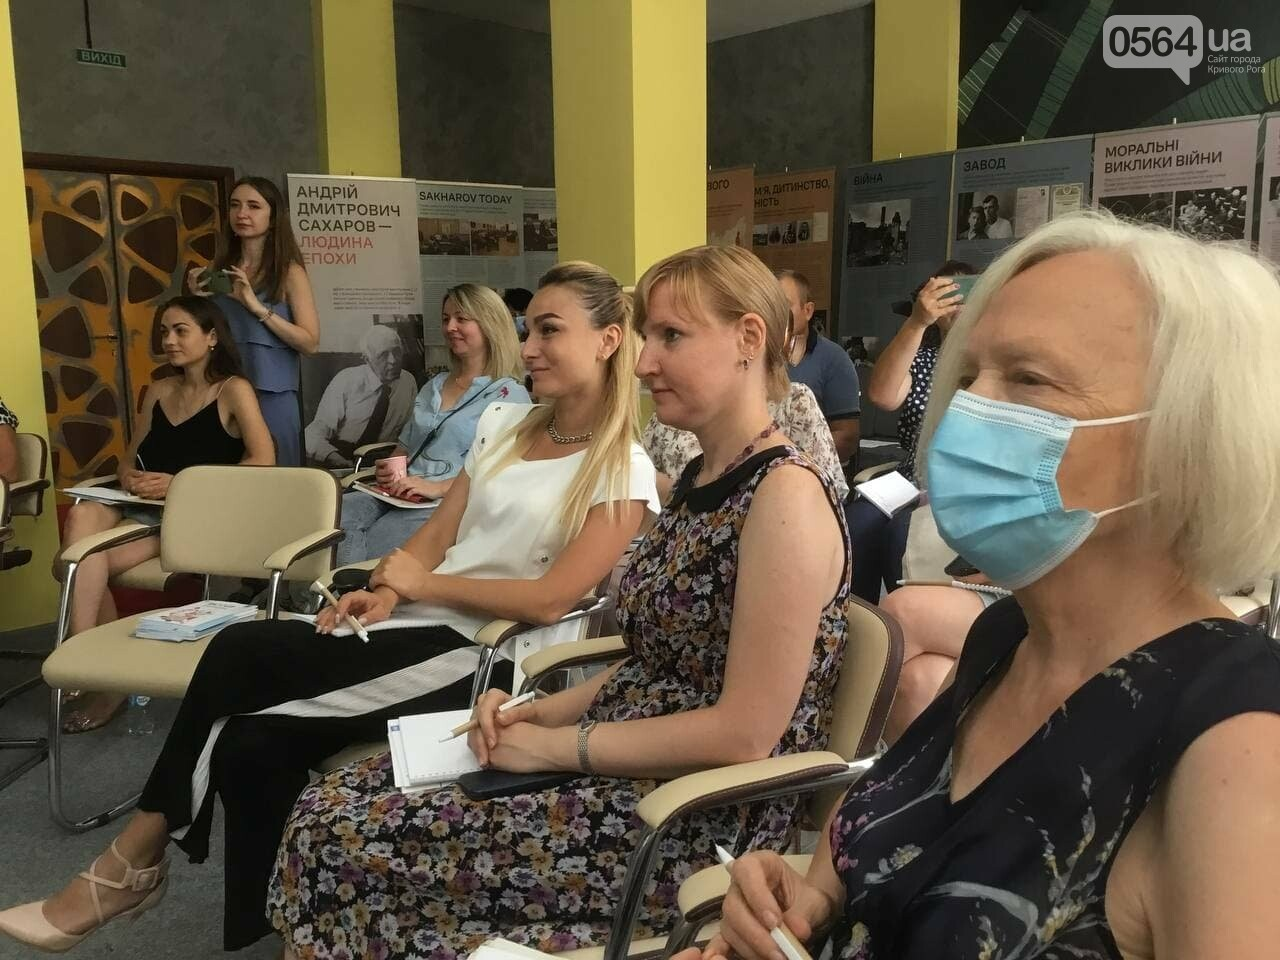 Правовой Weekend в Кривом Роге: правозащитники обсудили проблемы социальной сплочённости, - ФОТО, ВИДЕО, фото-6